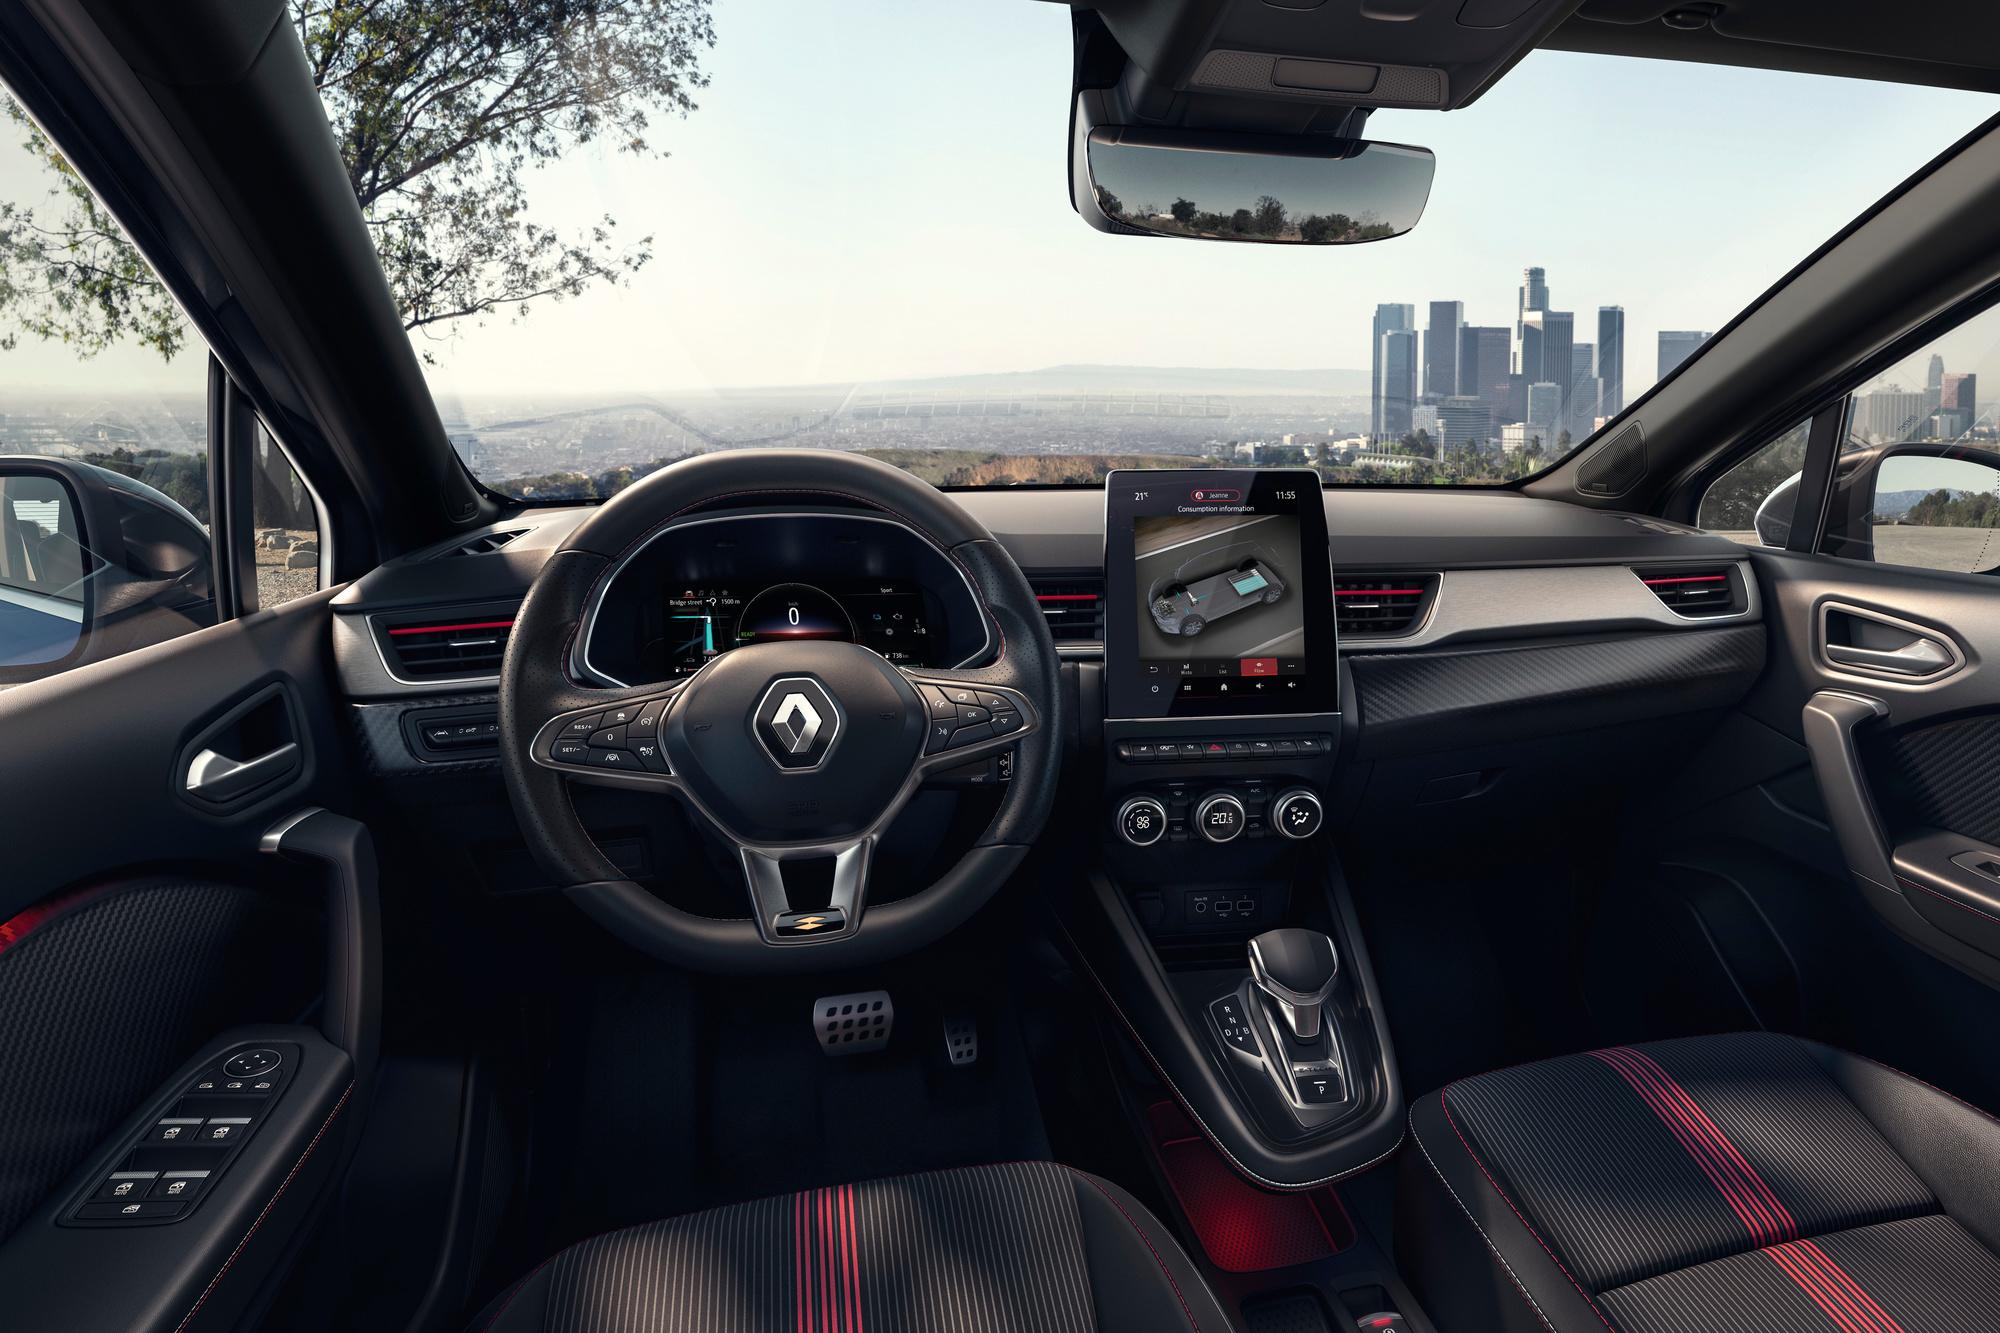 Inserts façon carbone, sièges à surpiqûres rouges, le style intérieur est plus dynamique, mais sans excès., GF